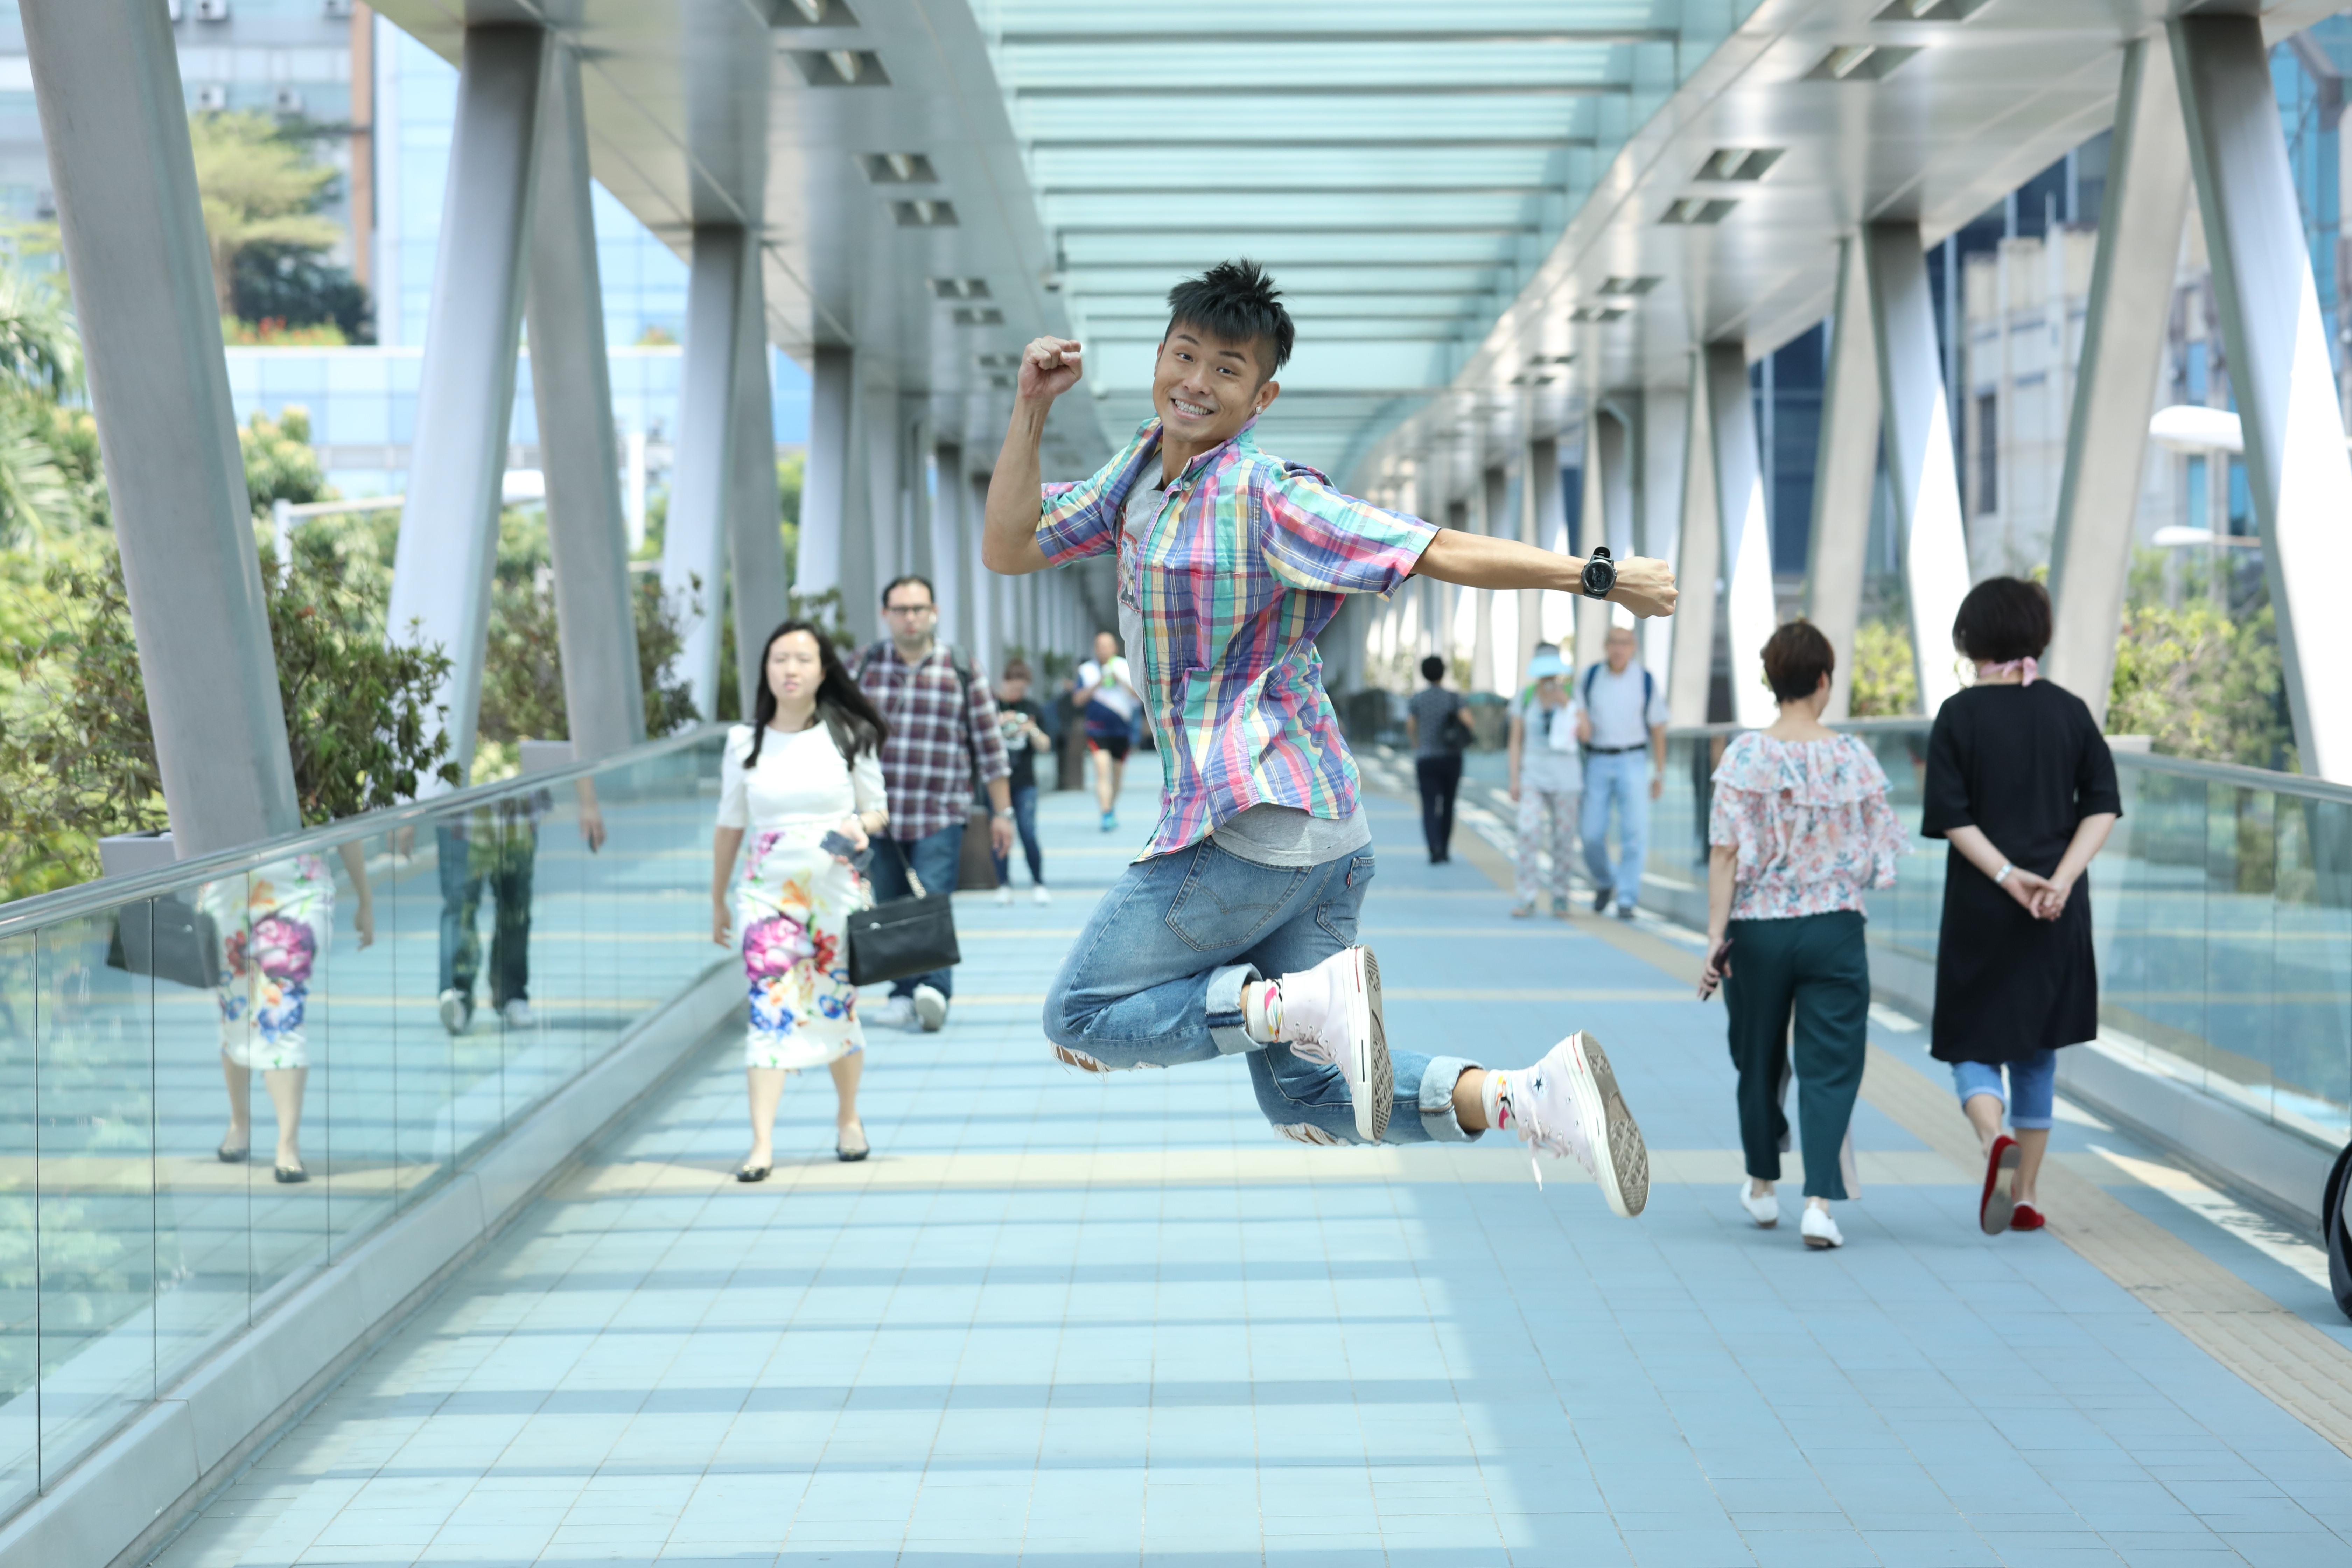 方紹聰慶幸當日趕去電視城面試,加上面皮厚,令他成功追夢。